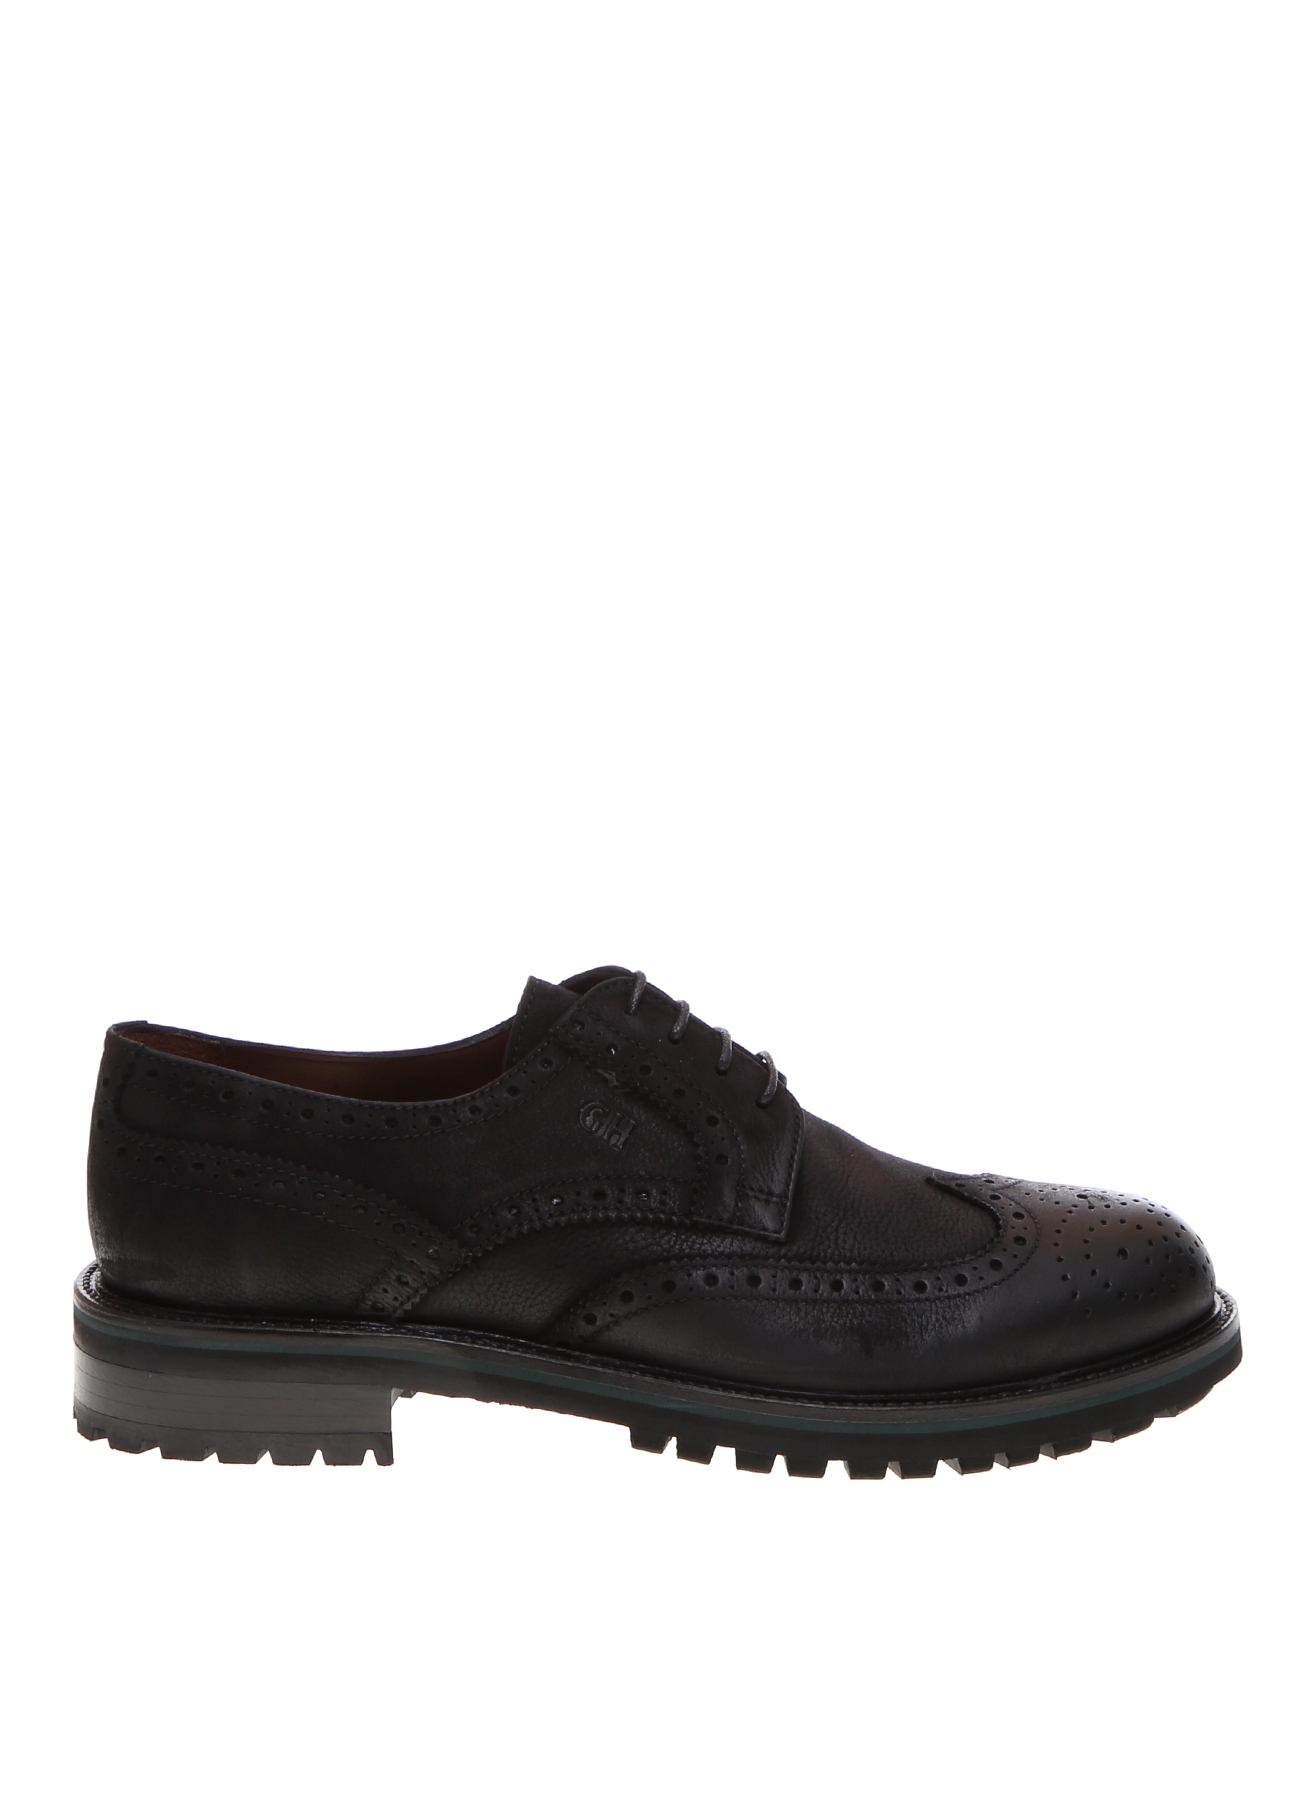 George Hogg Siyah Klasik Ayakkabı 42 5001908434003 Ürün Resmi